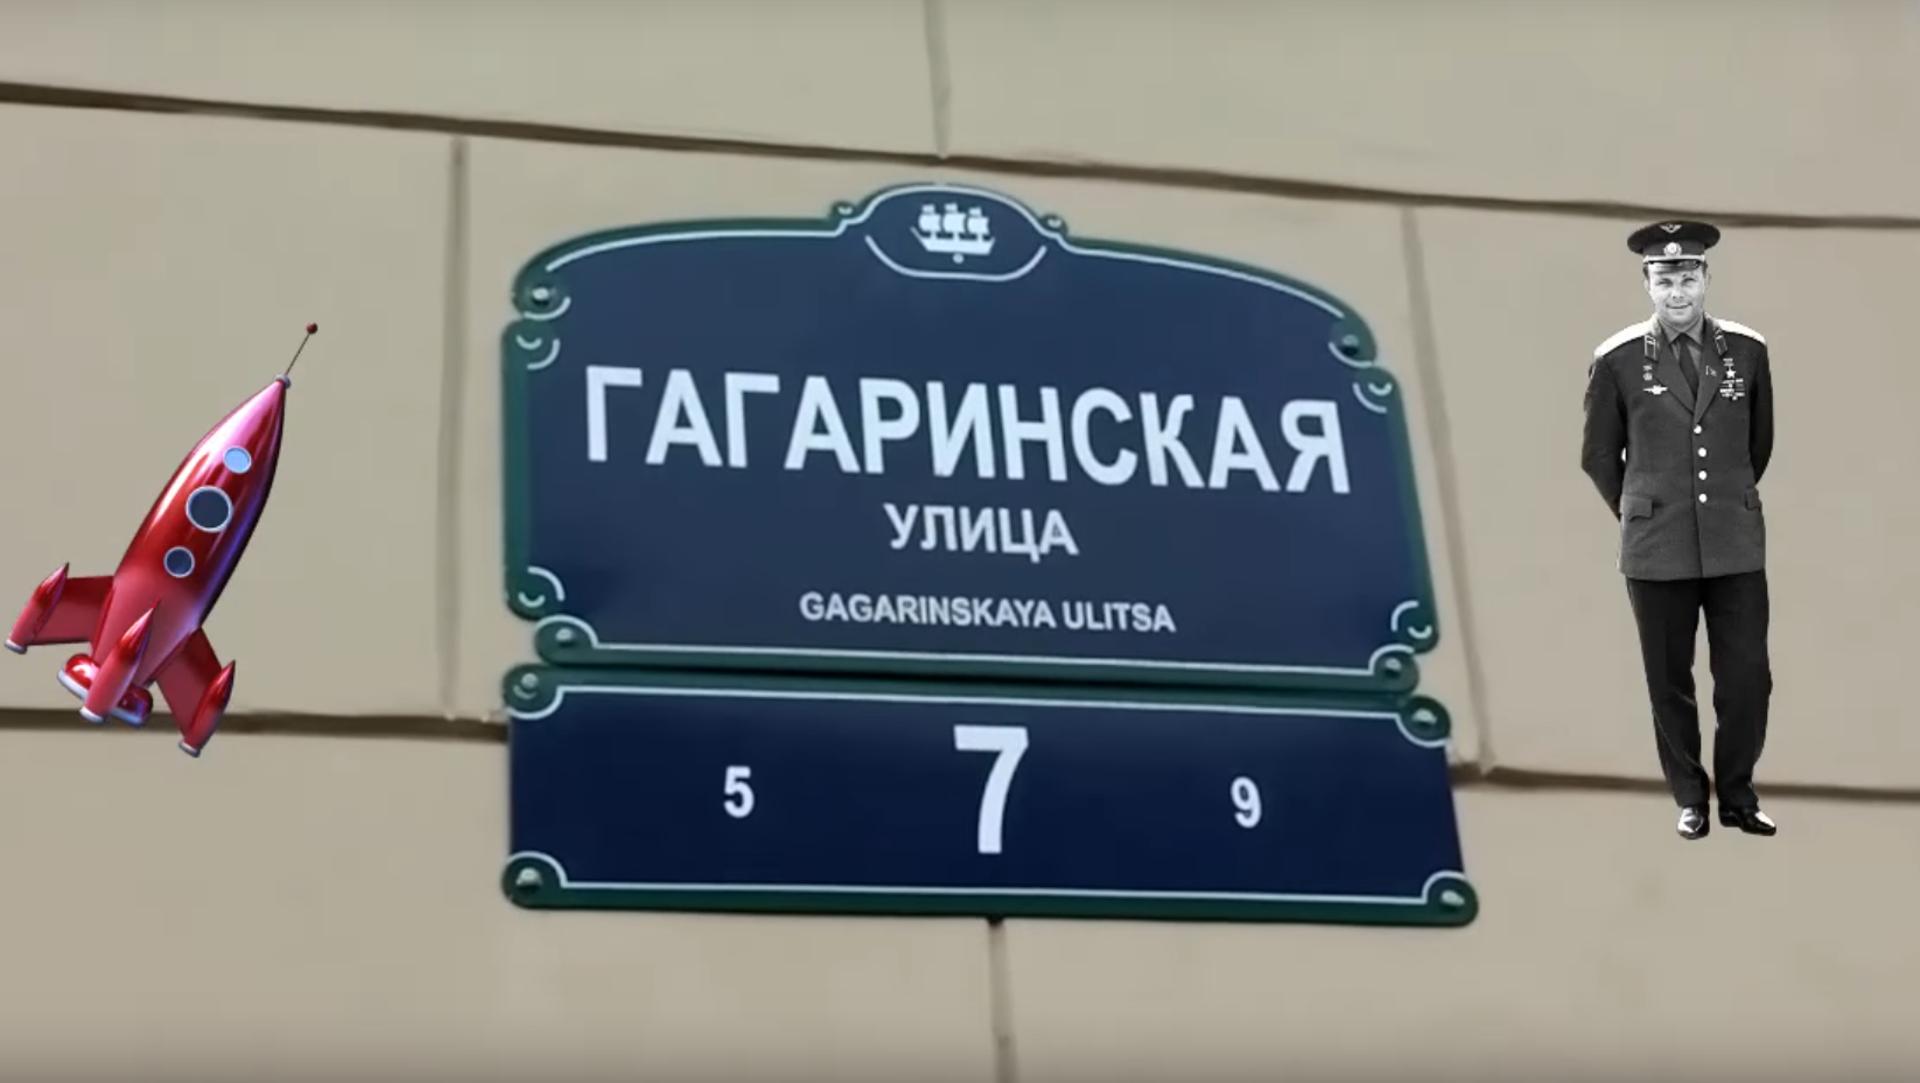 Trouver son chemin à Moscou, à Saint Pétersbourg et en Russie